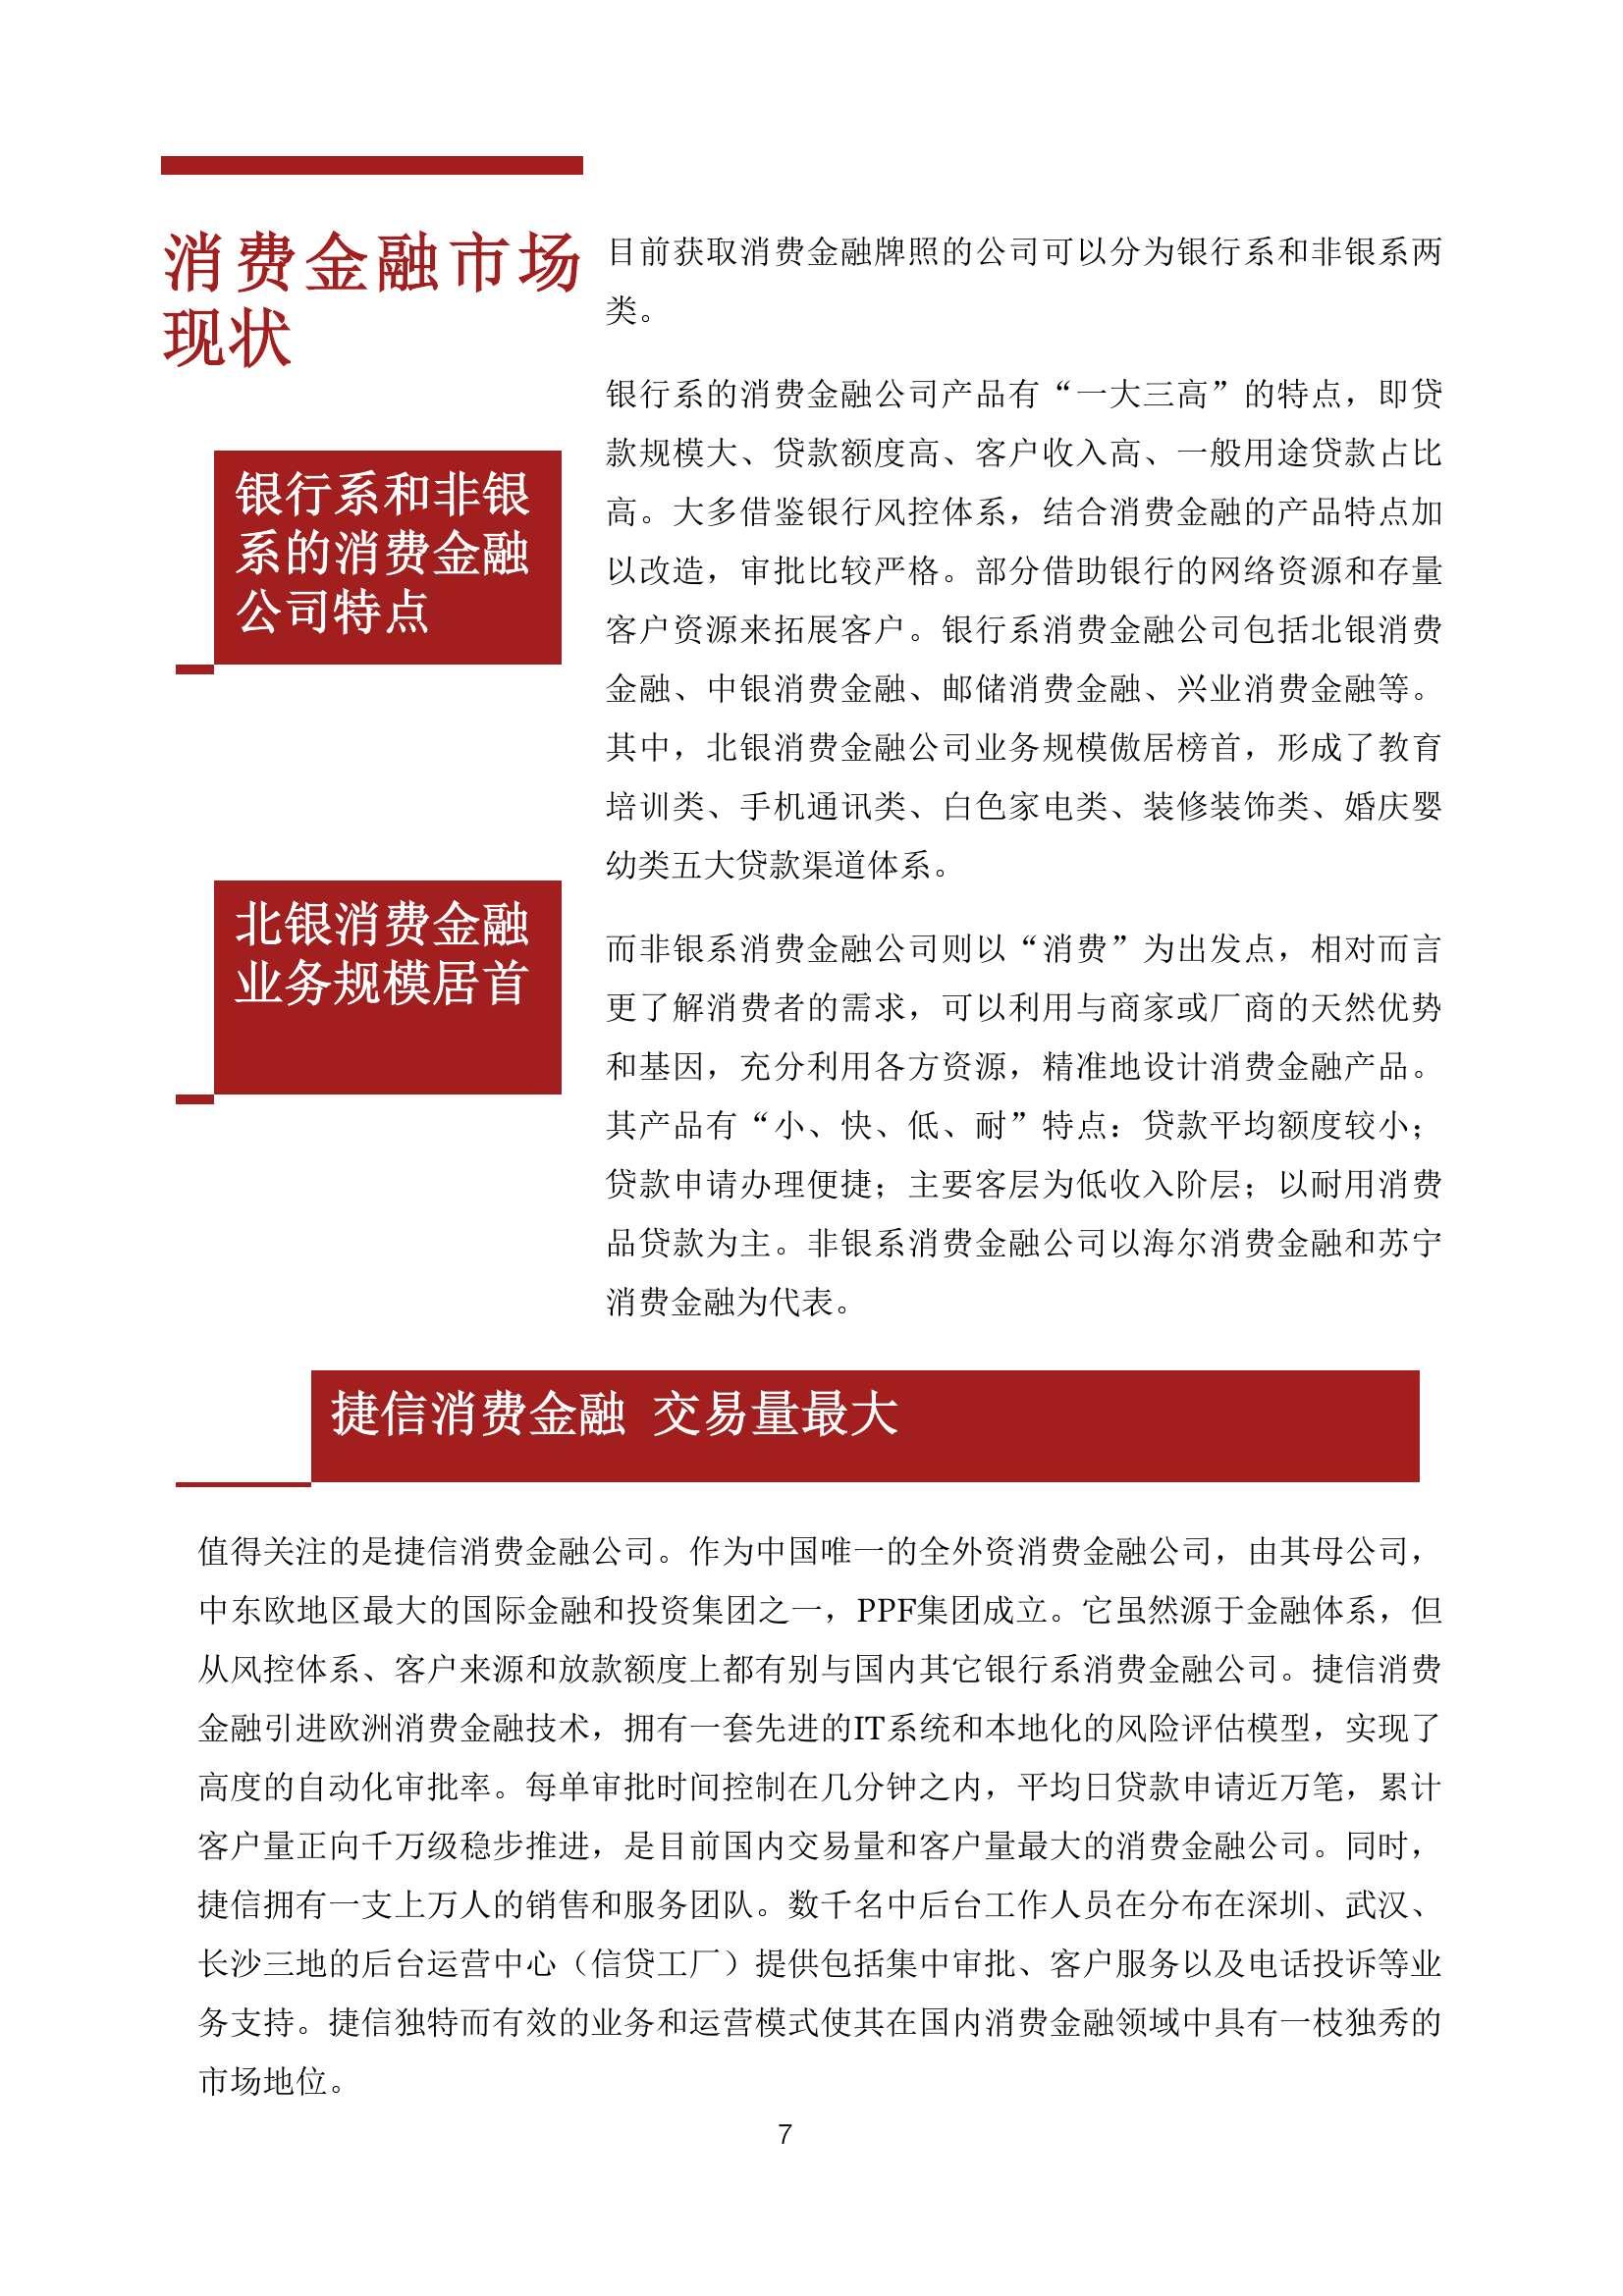 中国零售银行的蓝海_000007